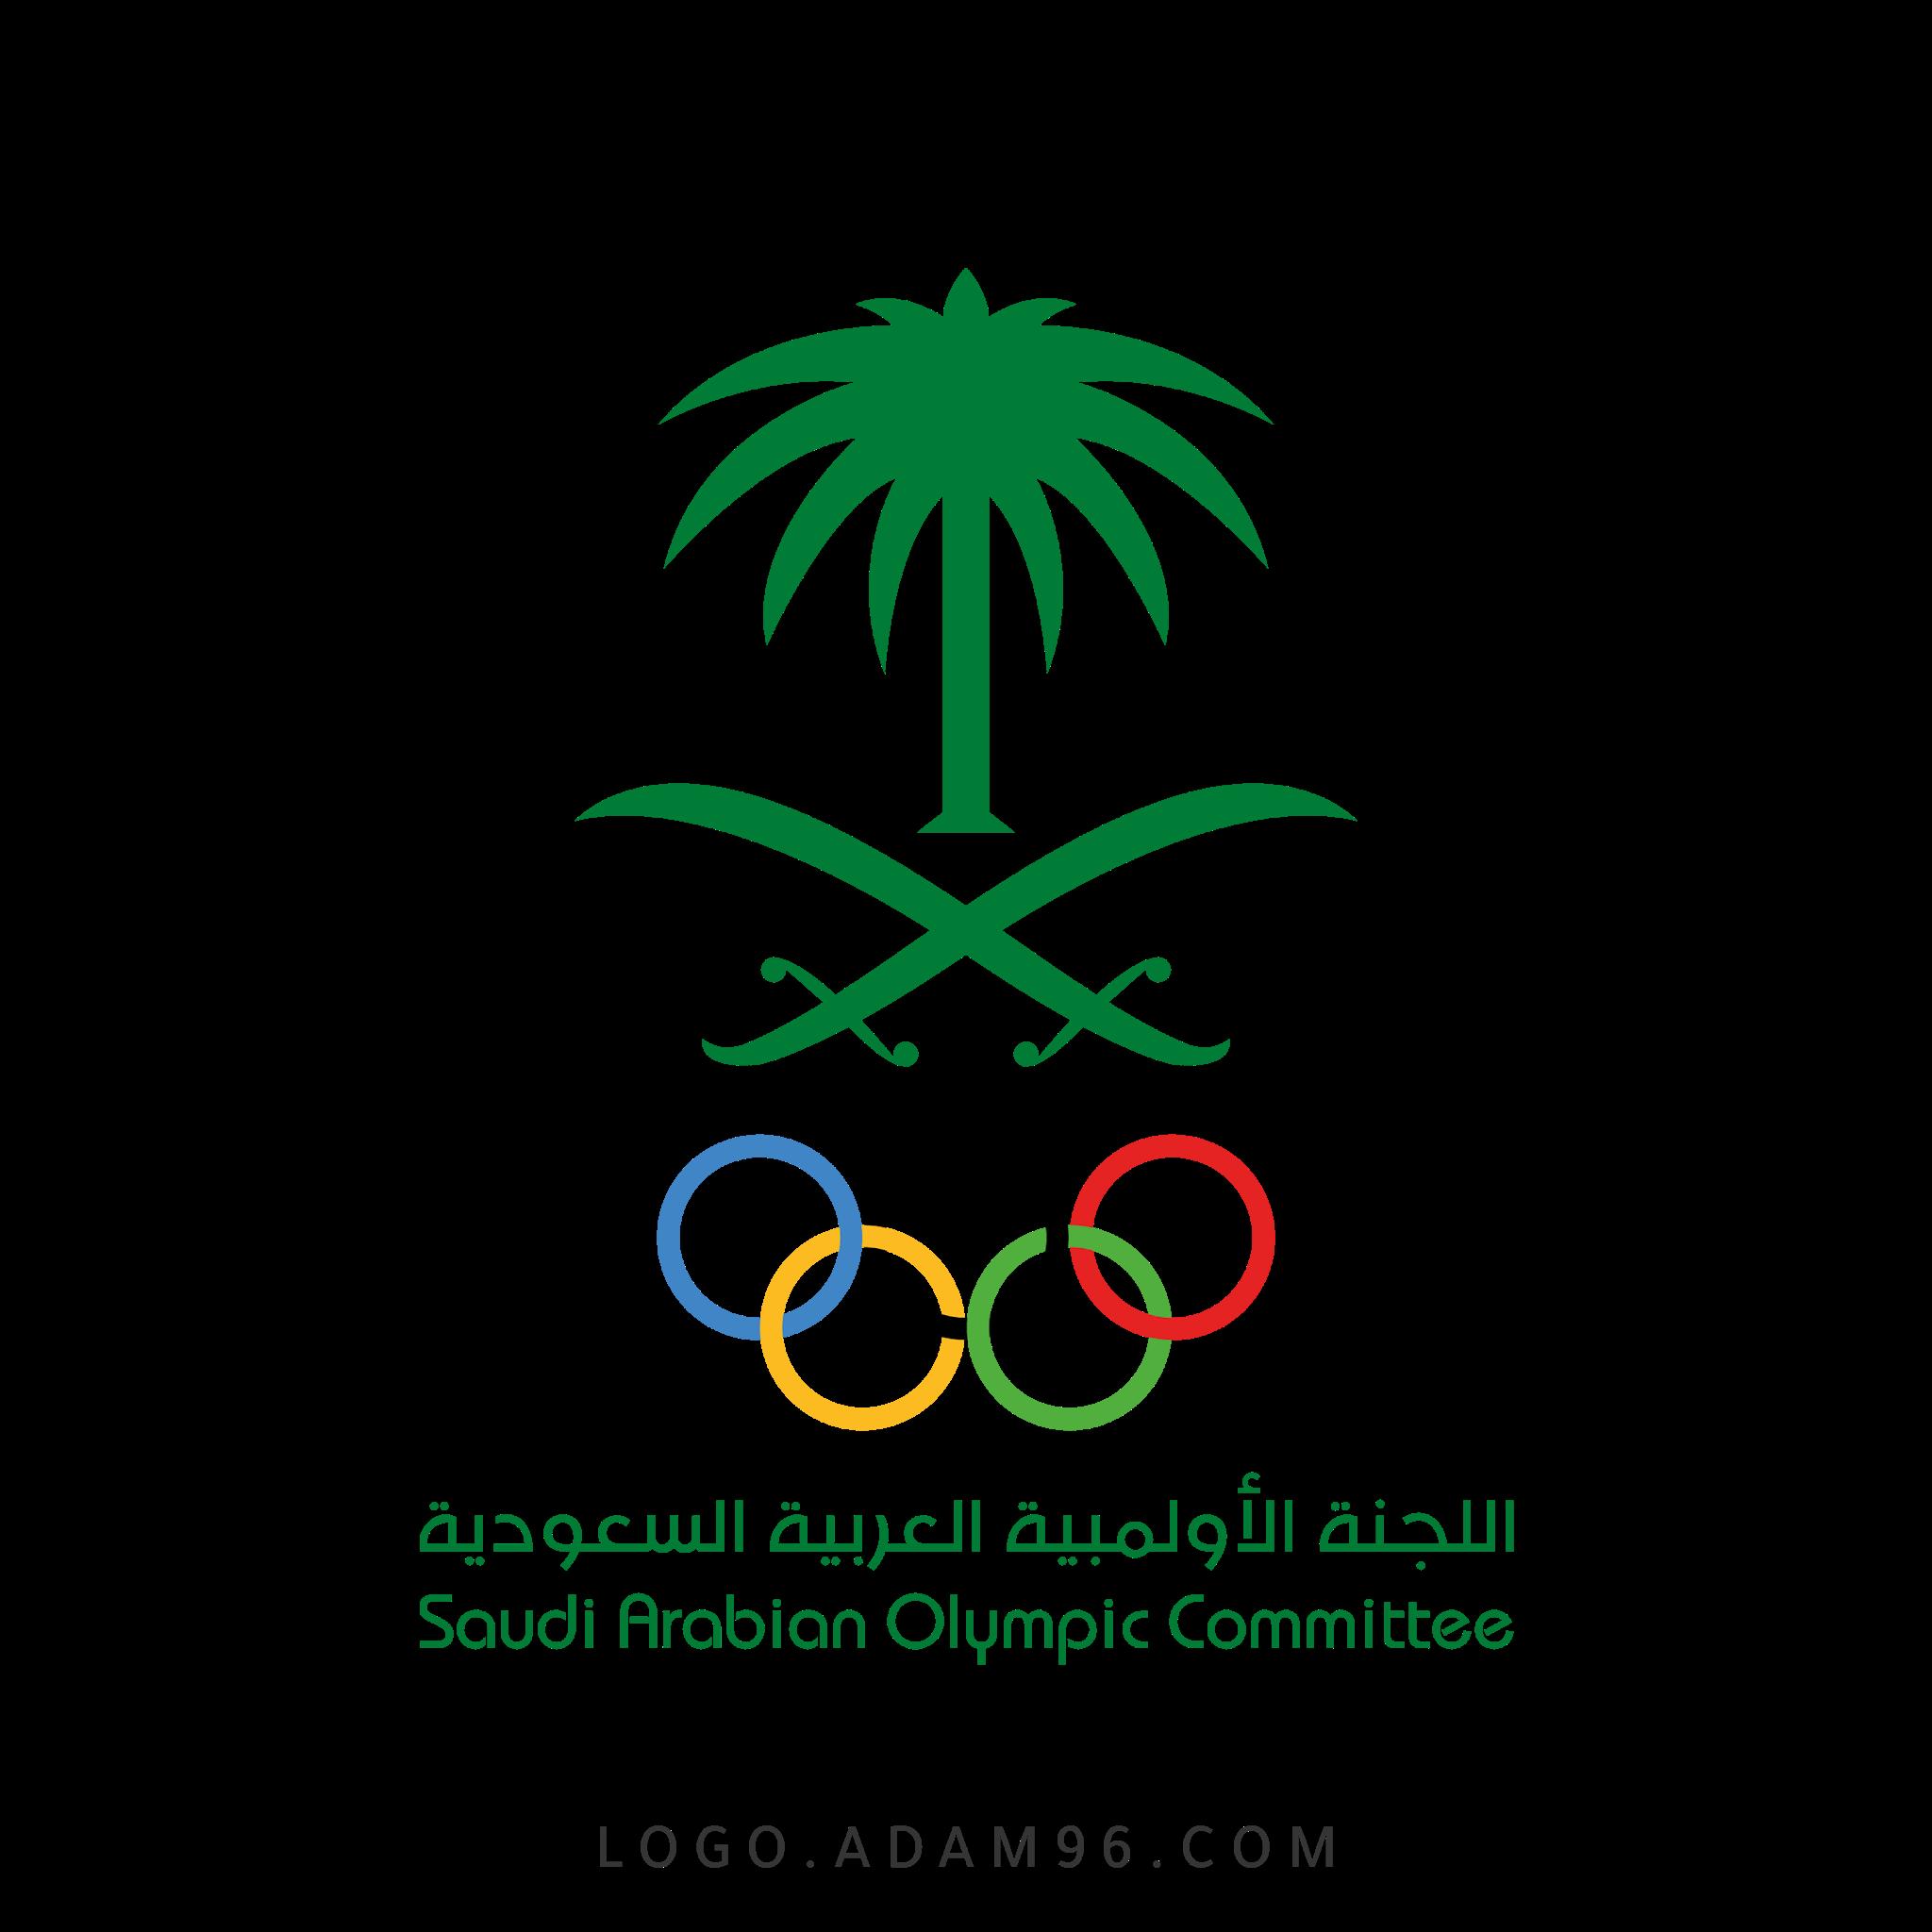 تحميل شعار اللجنة الأولمبية العربية السعودية لوجو رسمي عالي الجودة PNG